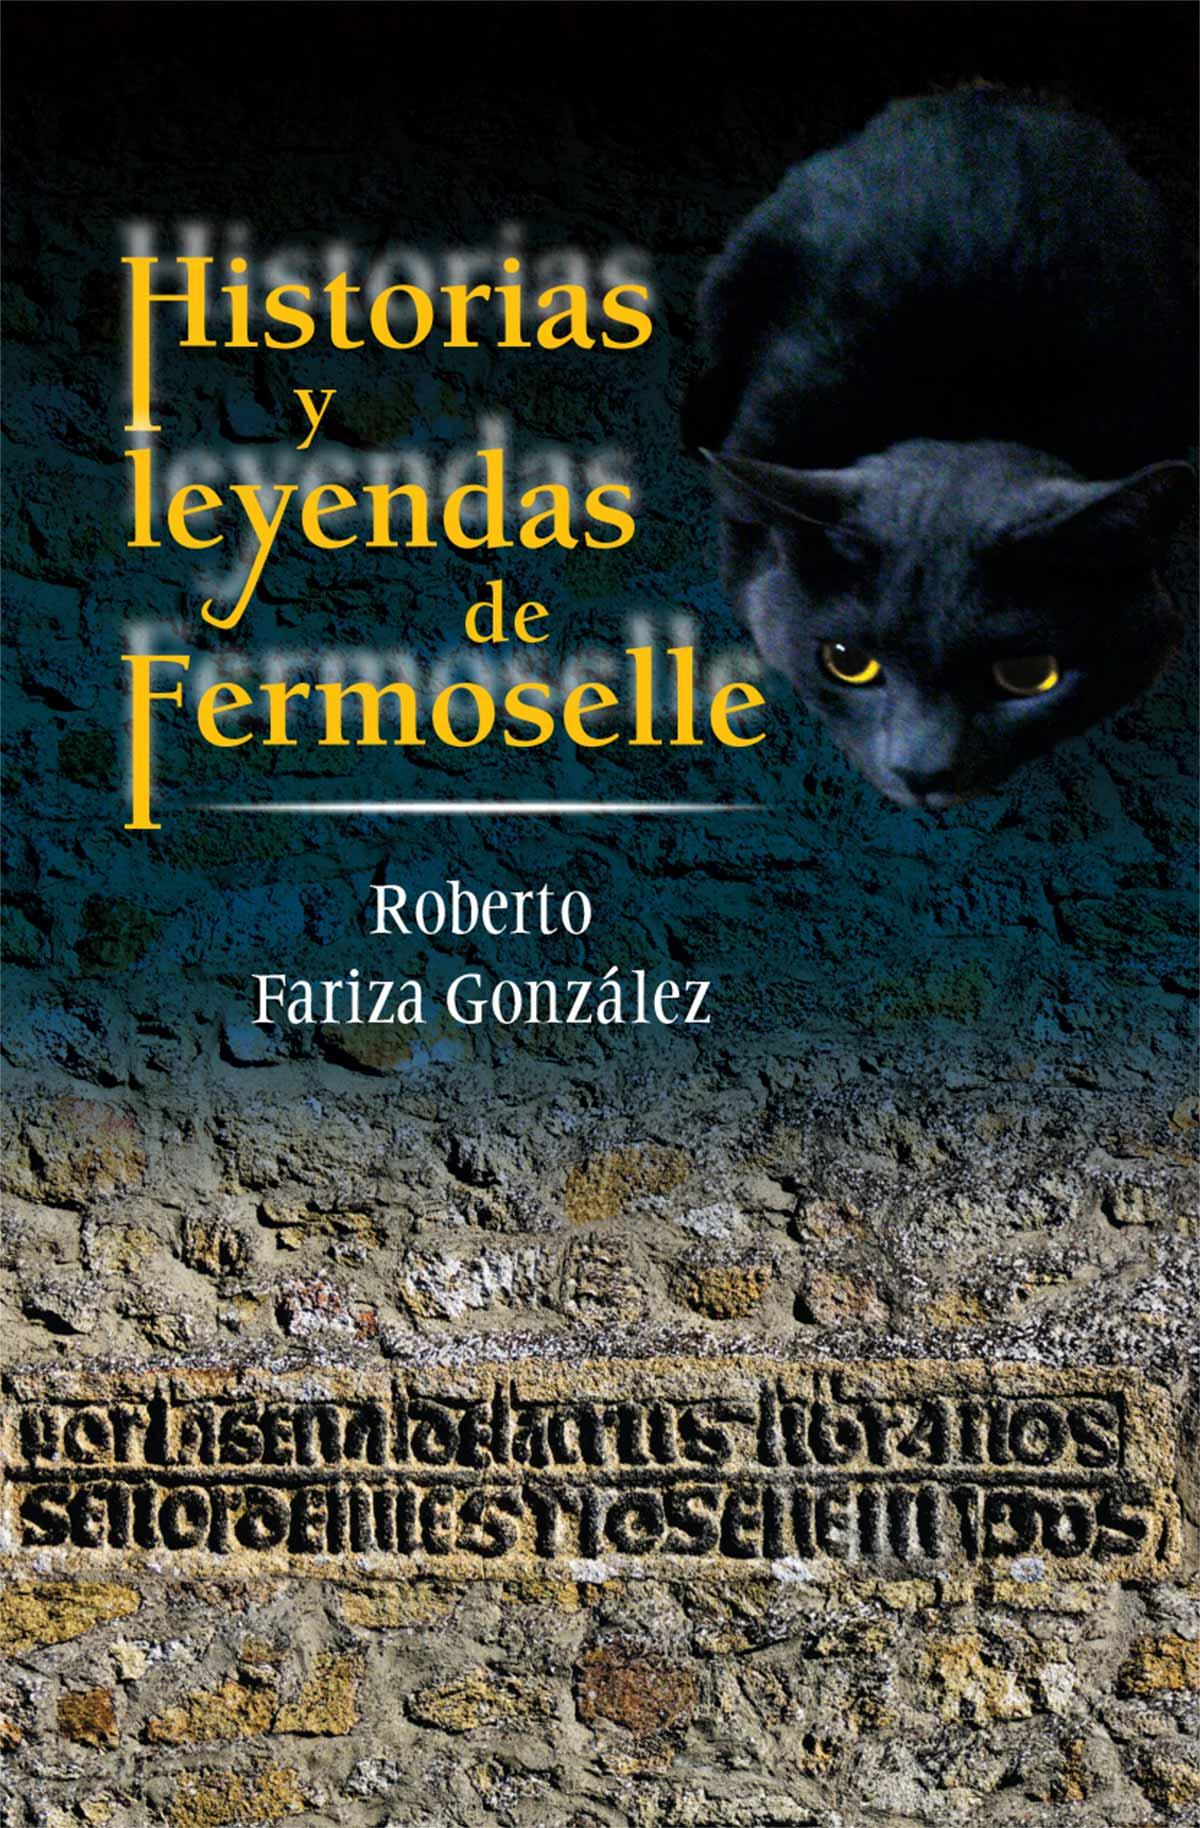 Historias y Leyendas de Fermoselle Roberto Fariza González Editorial Semuret